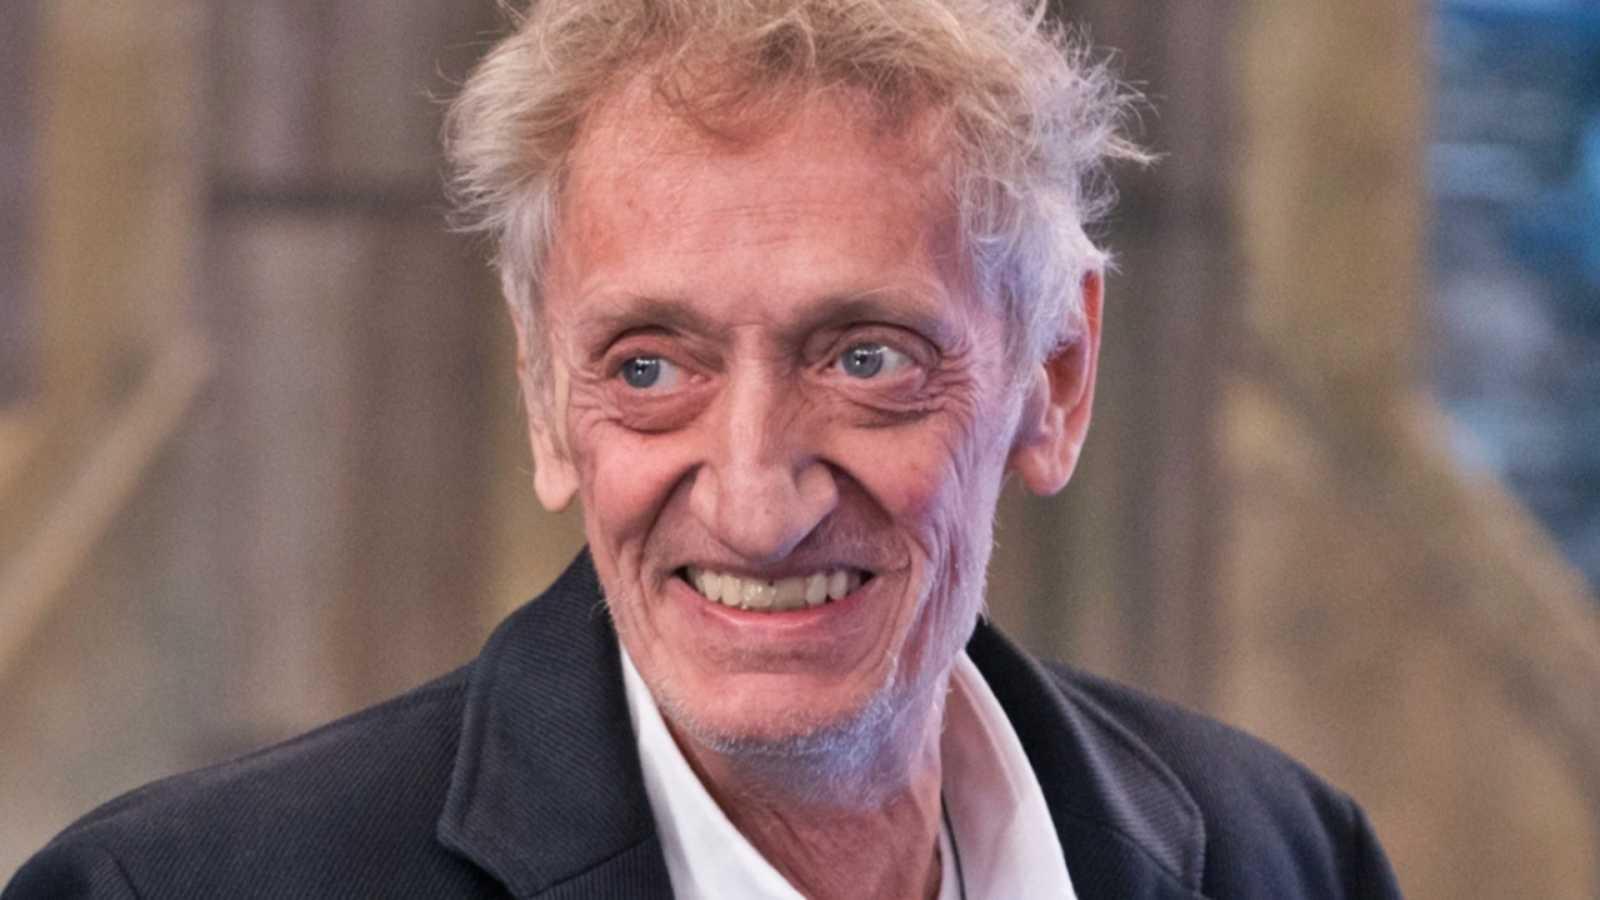 Muere Enrique San Francisco, actor referente del 'cine quinqui' que destacó con su papel de Tinín en 'Cuéntame cómo pasó'